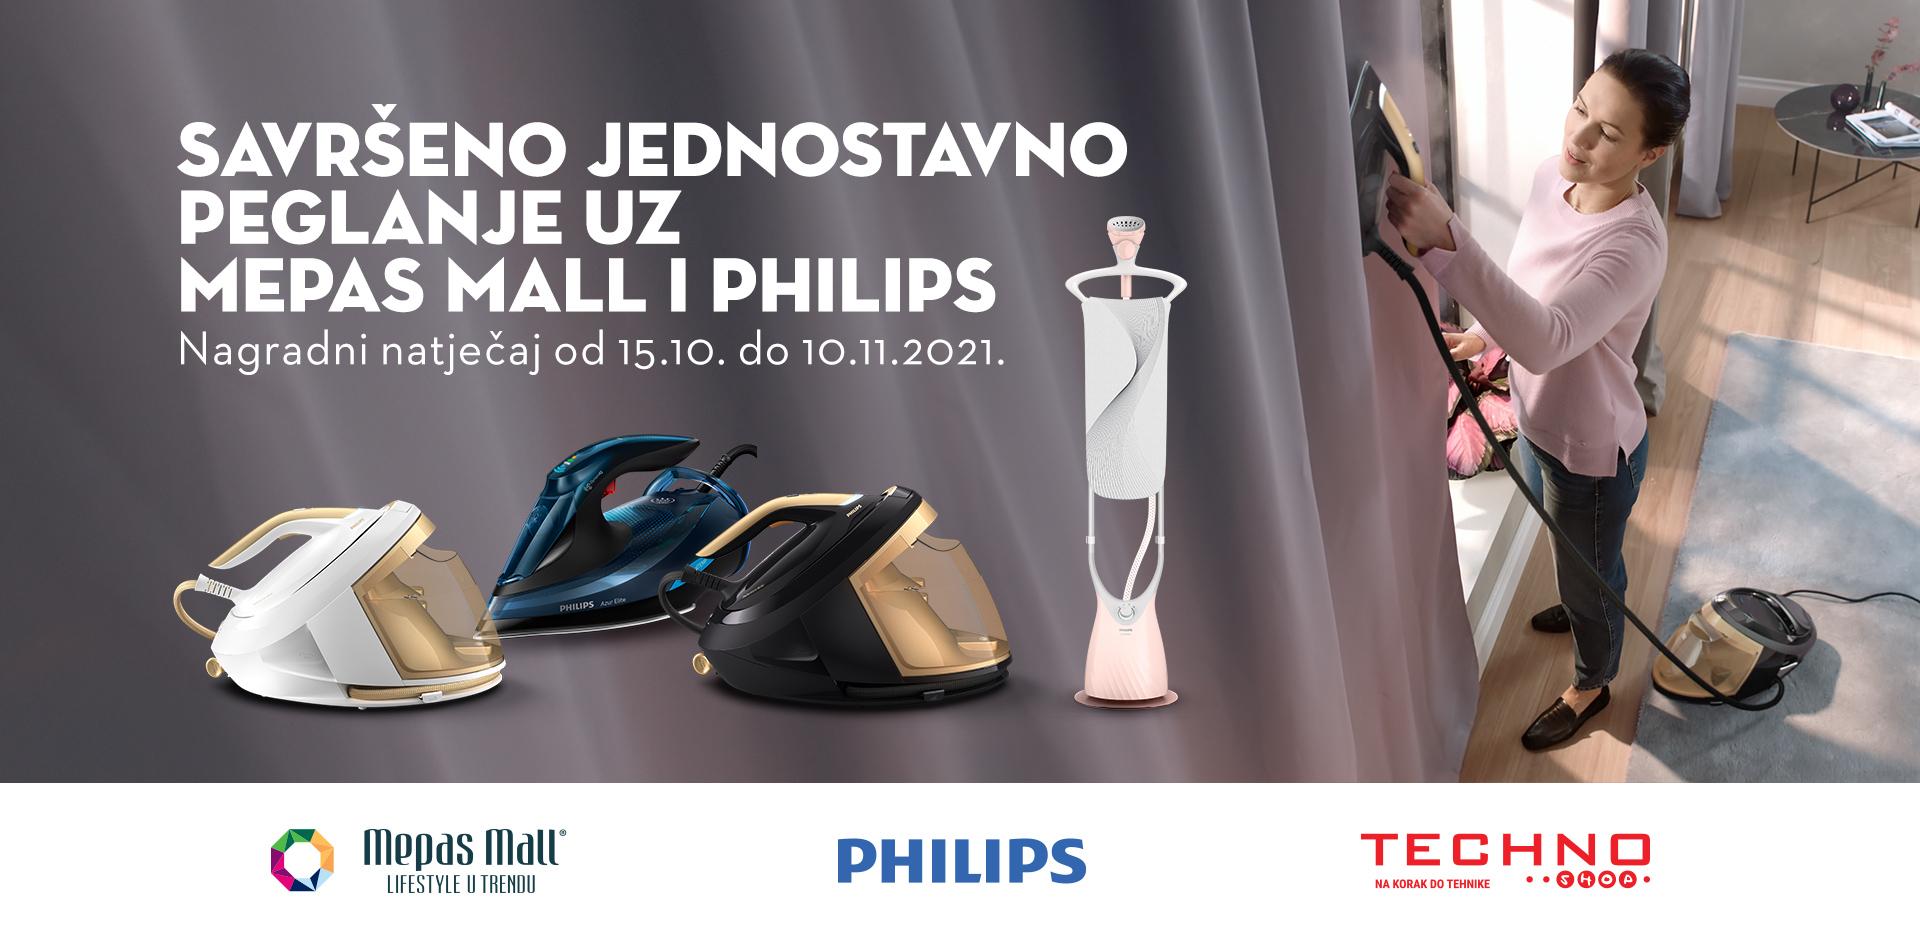 Savršeno jednostavno peglanje uz Mepas Mall i Philips